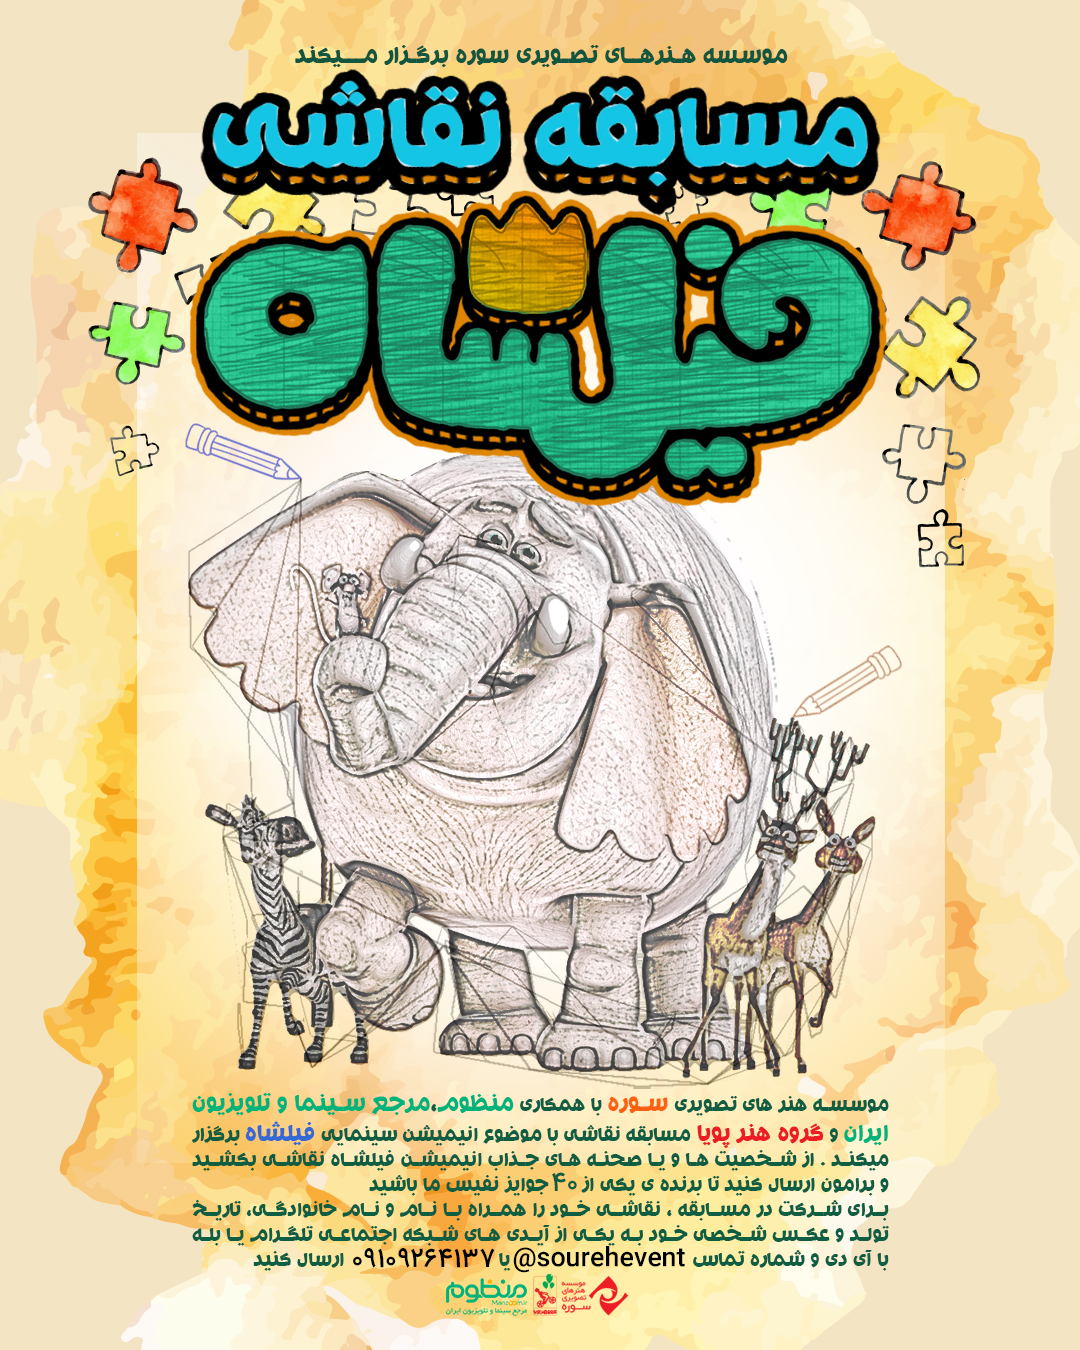 پوستر فیلم سینمایی فیلشاه به کارگردانی هادی محمدیان